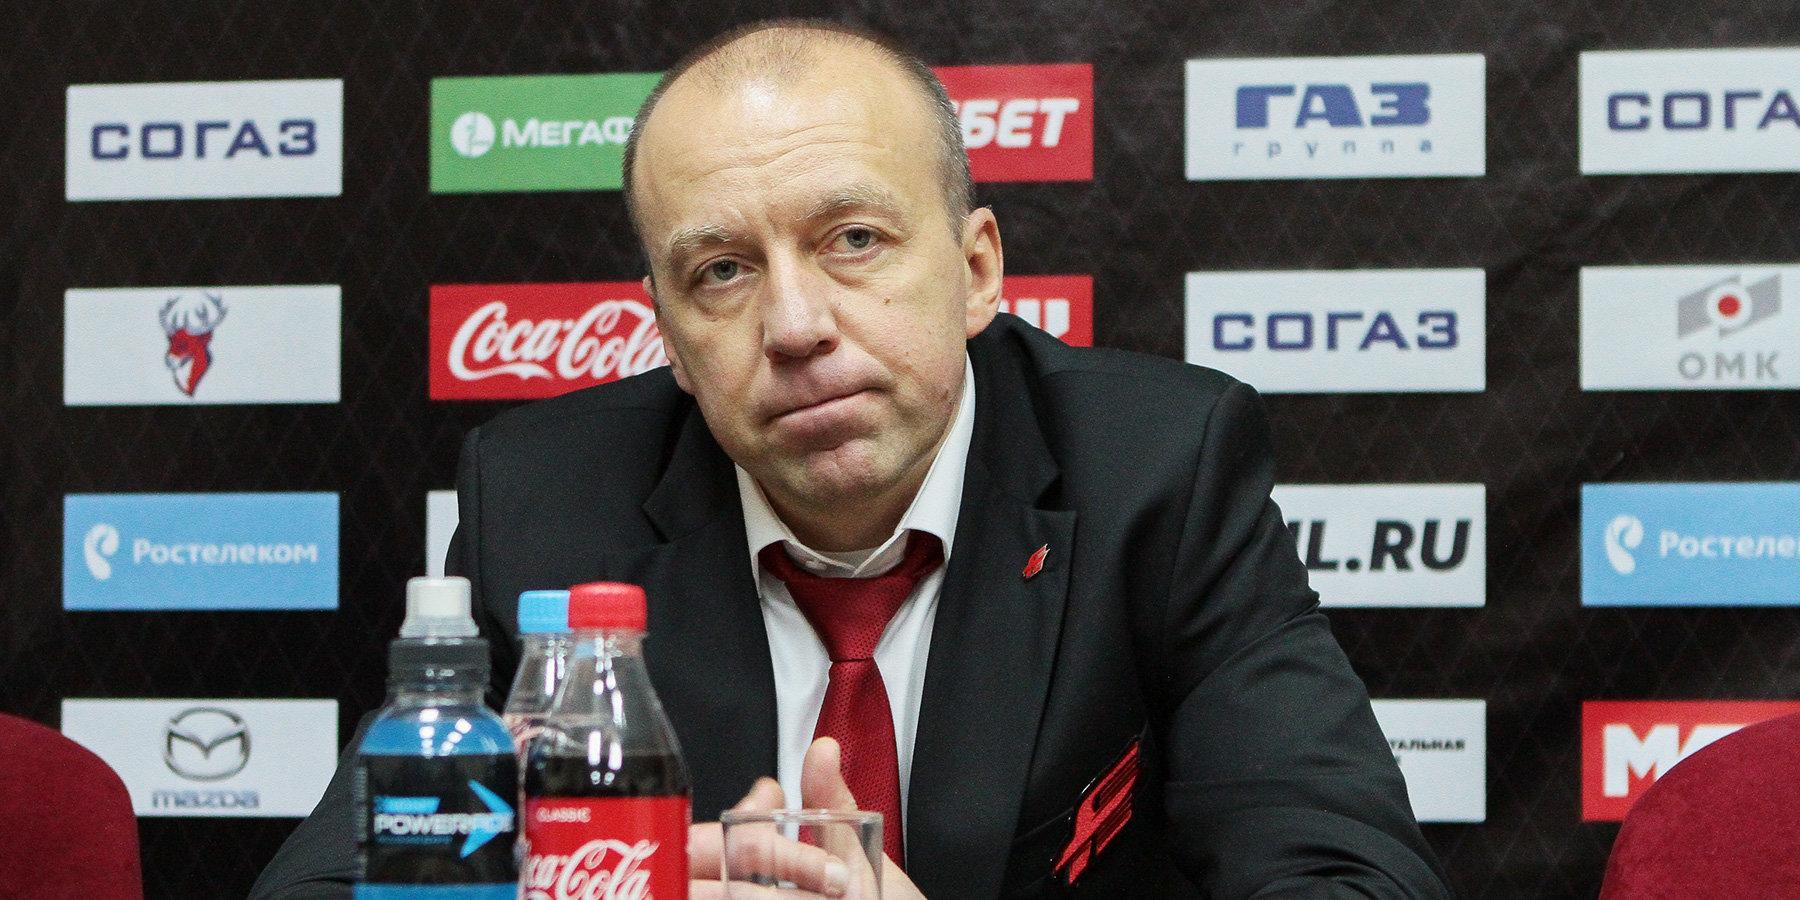 Андрей Скабелка: «Топ-клубы из-за потолка зарплат уже не могут платить такие деньги, как раньше»